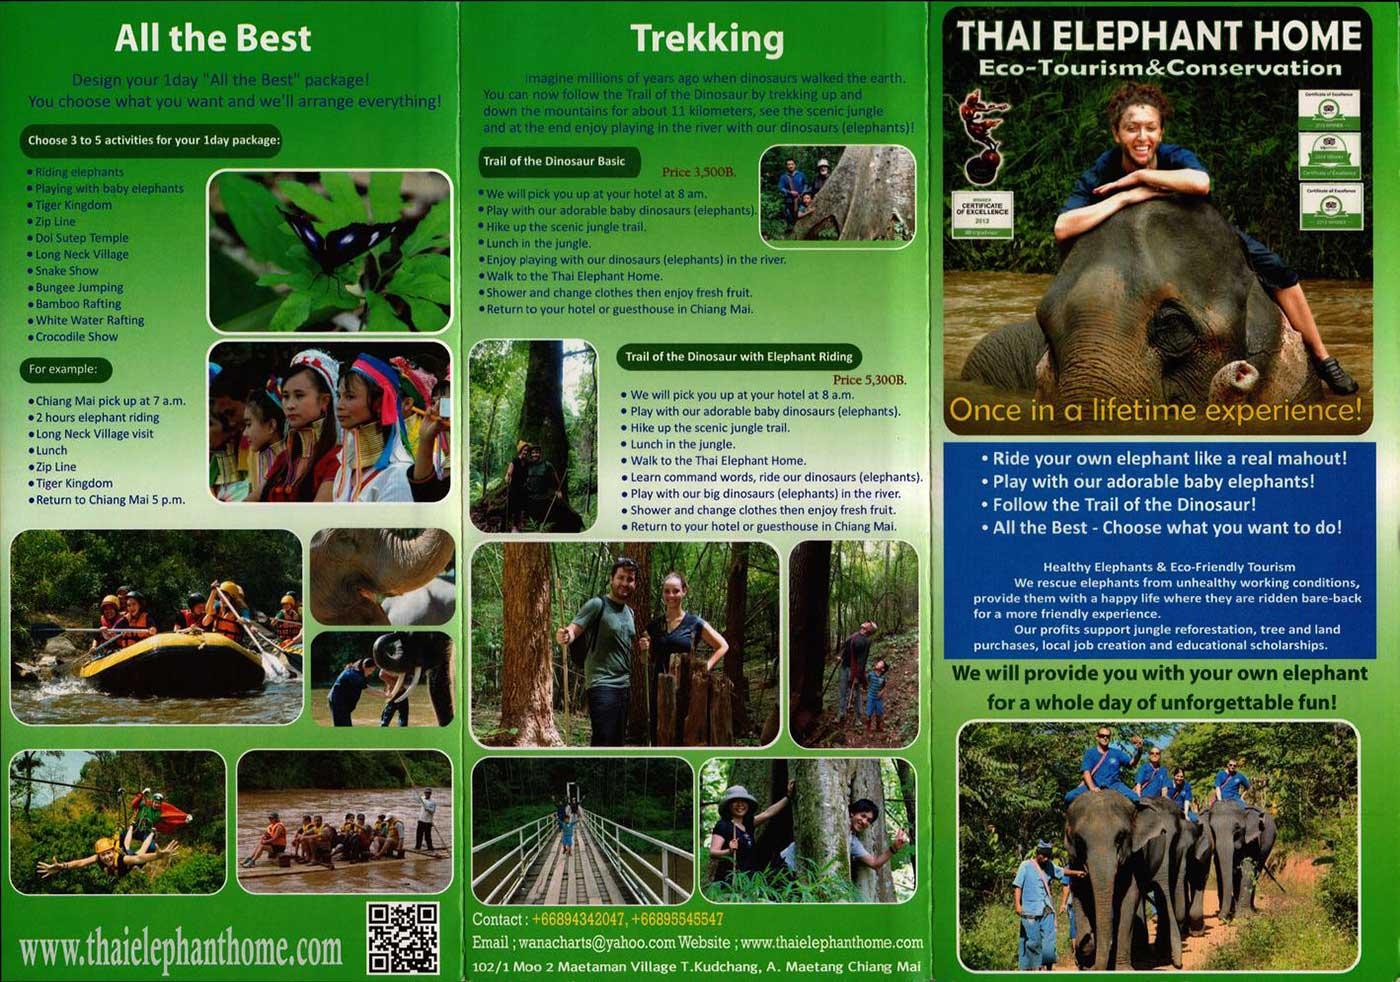 Thai Elephant Home Chiang Mai - Brochure, Tour Info, Price ... on elephant art, elephant furniture, elephant bathroom, cat design home, elephant logo design, elephant graphic design,